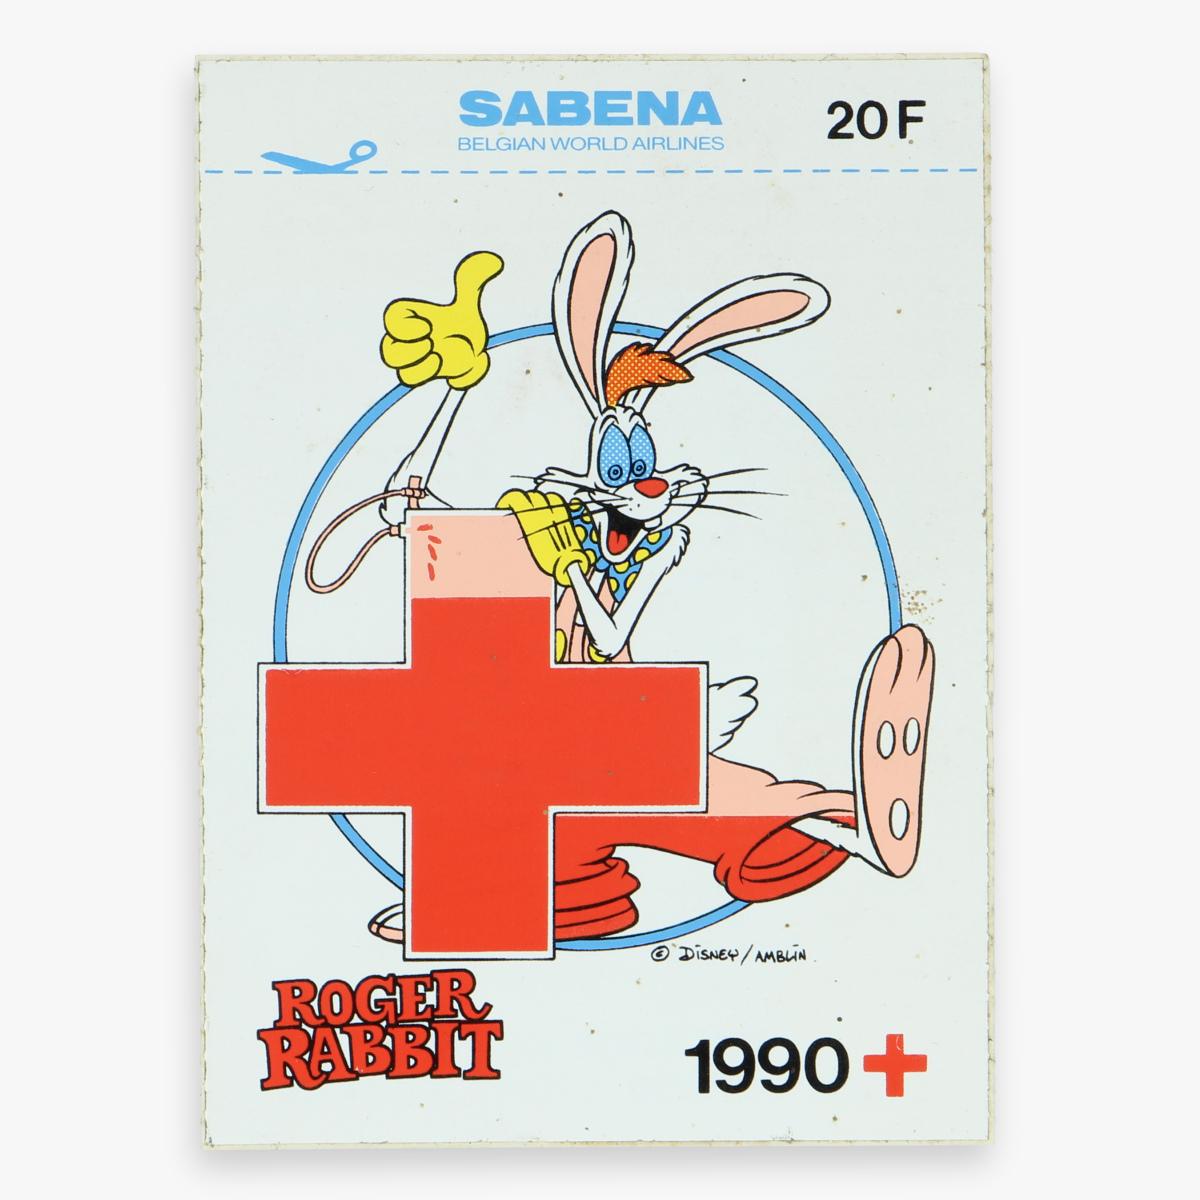 Afbeeldingen van sticker roger  rabit -  disney, sabena, het belgische rode kruis 1990